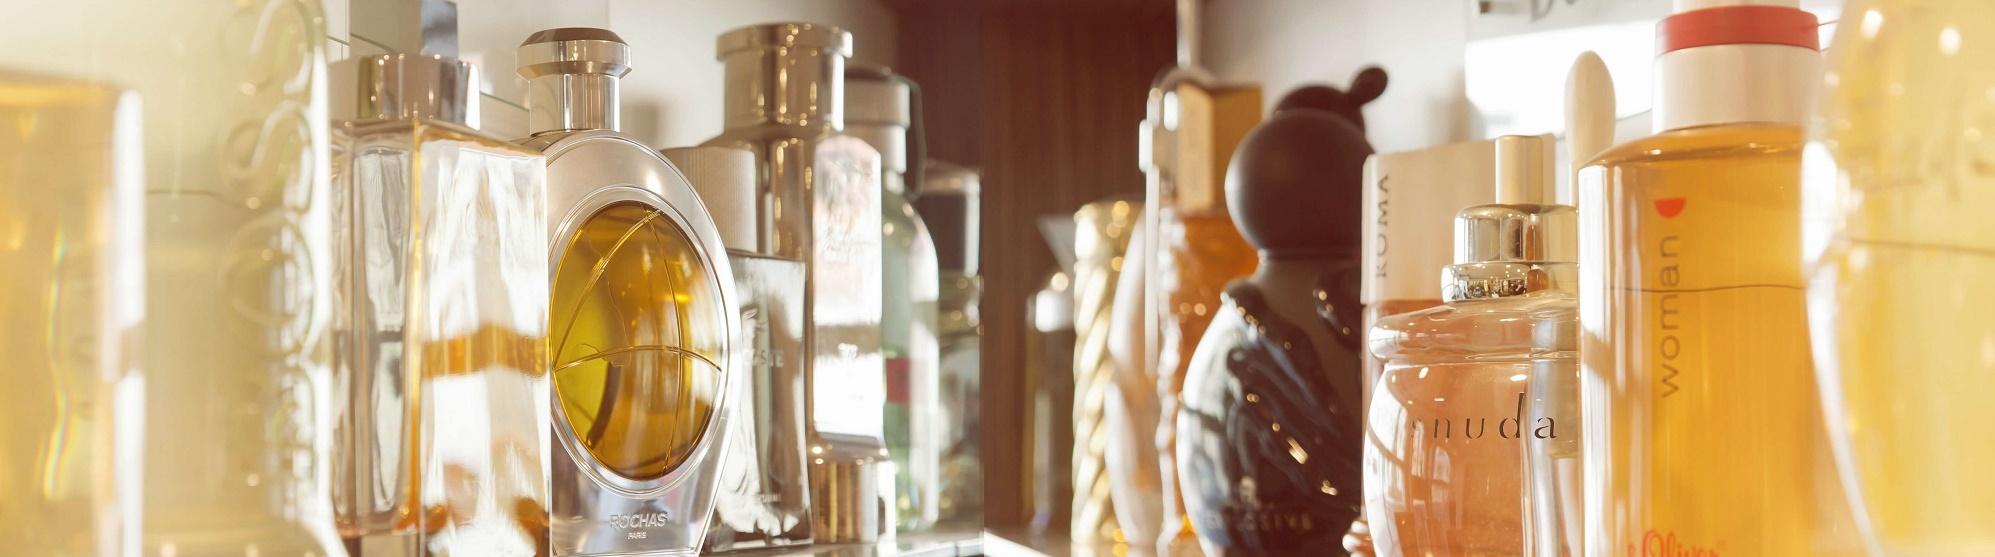 Factisen - Parfümerie Kielgast in der Lutherstadt Eisleben